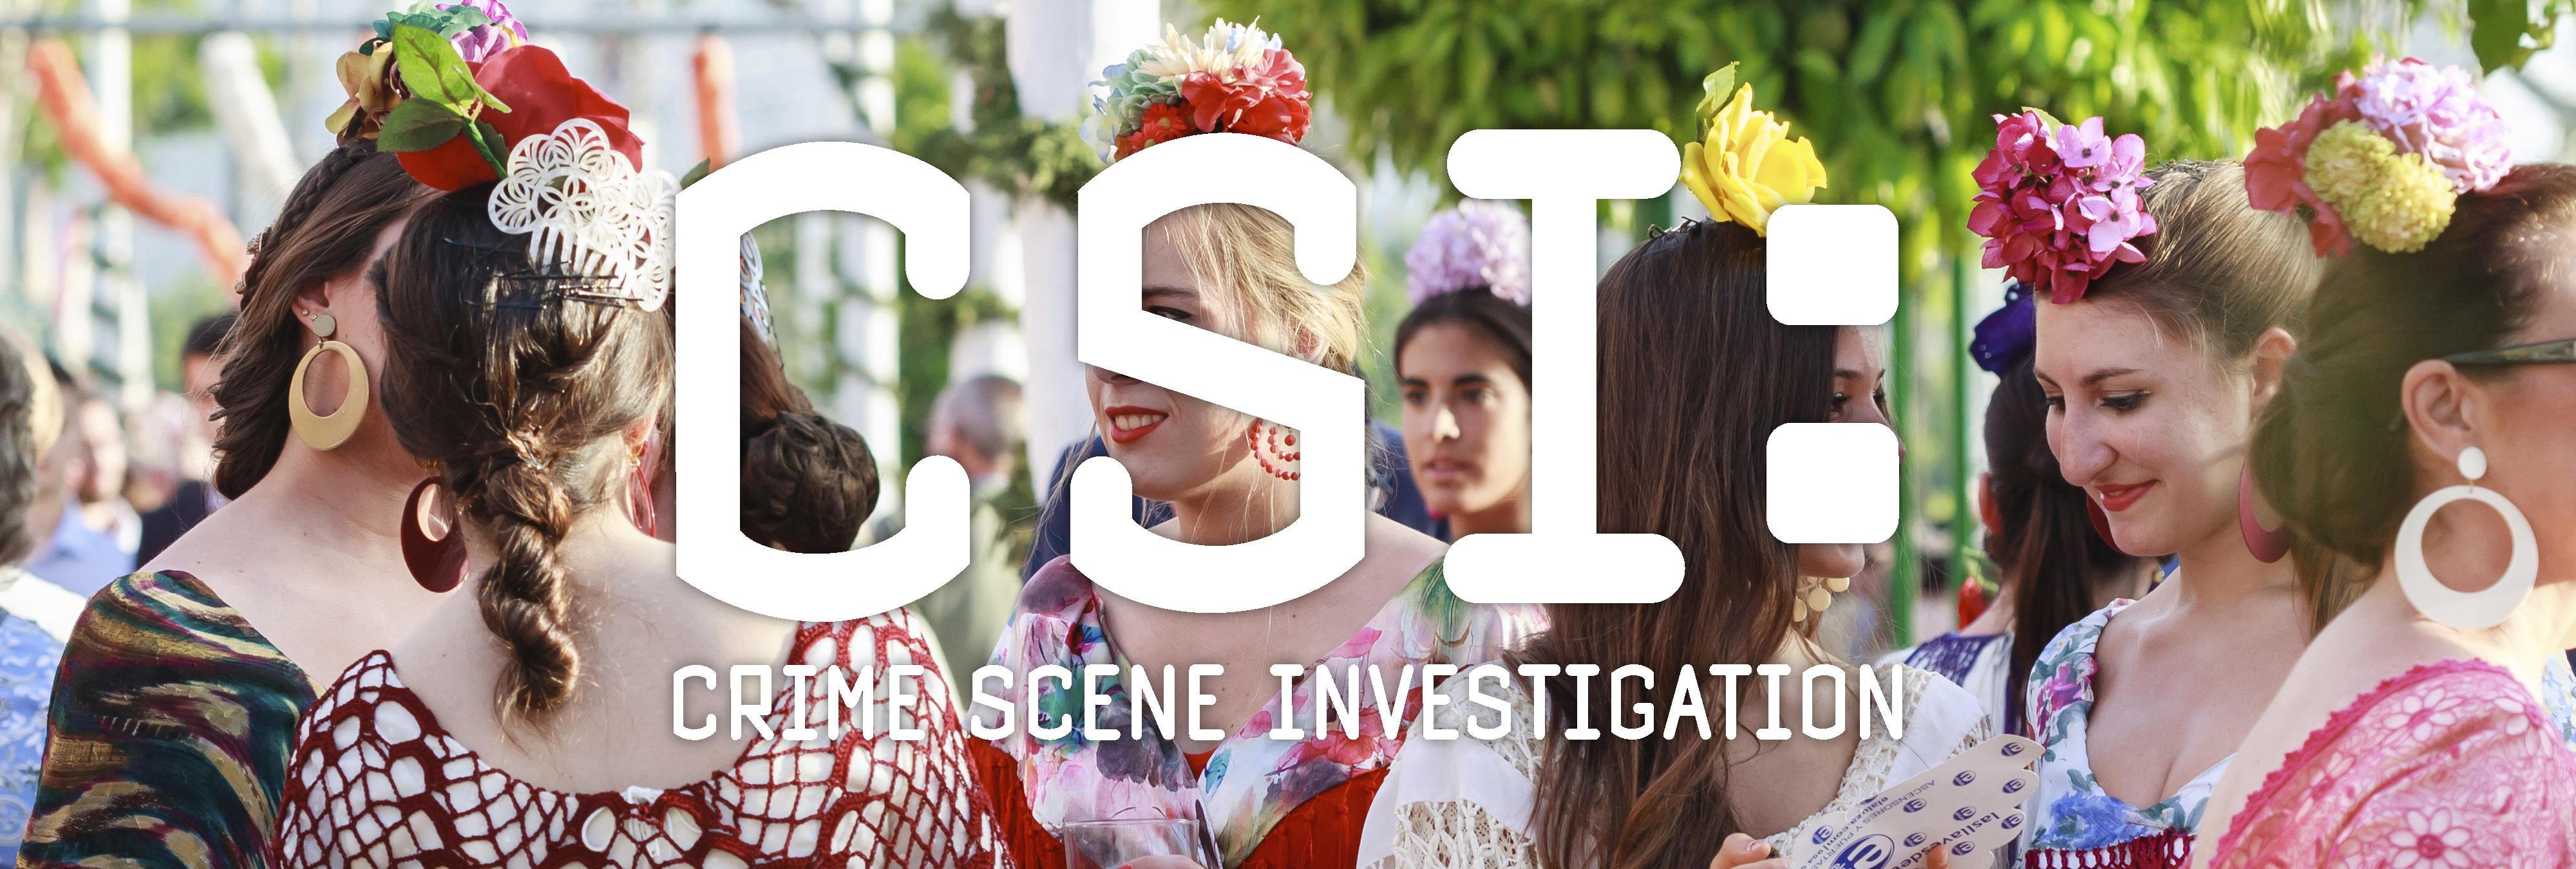 Una limpiadora sevillana ayuda a resolver un crimen gracias a su afición a 'CSI'